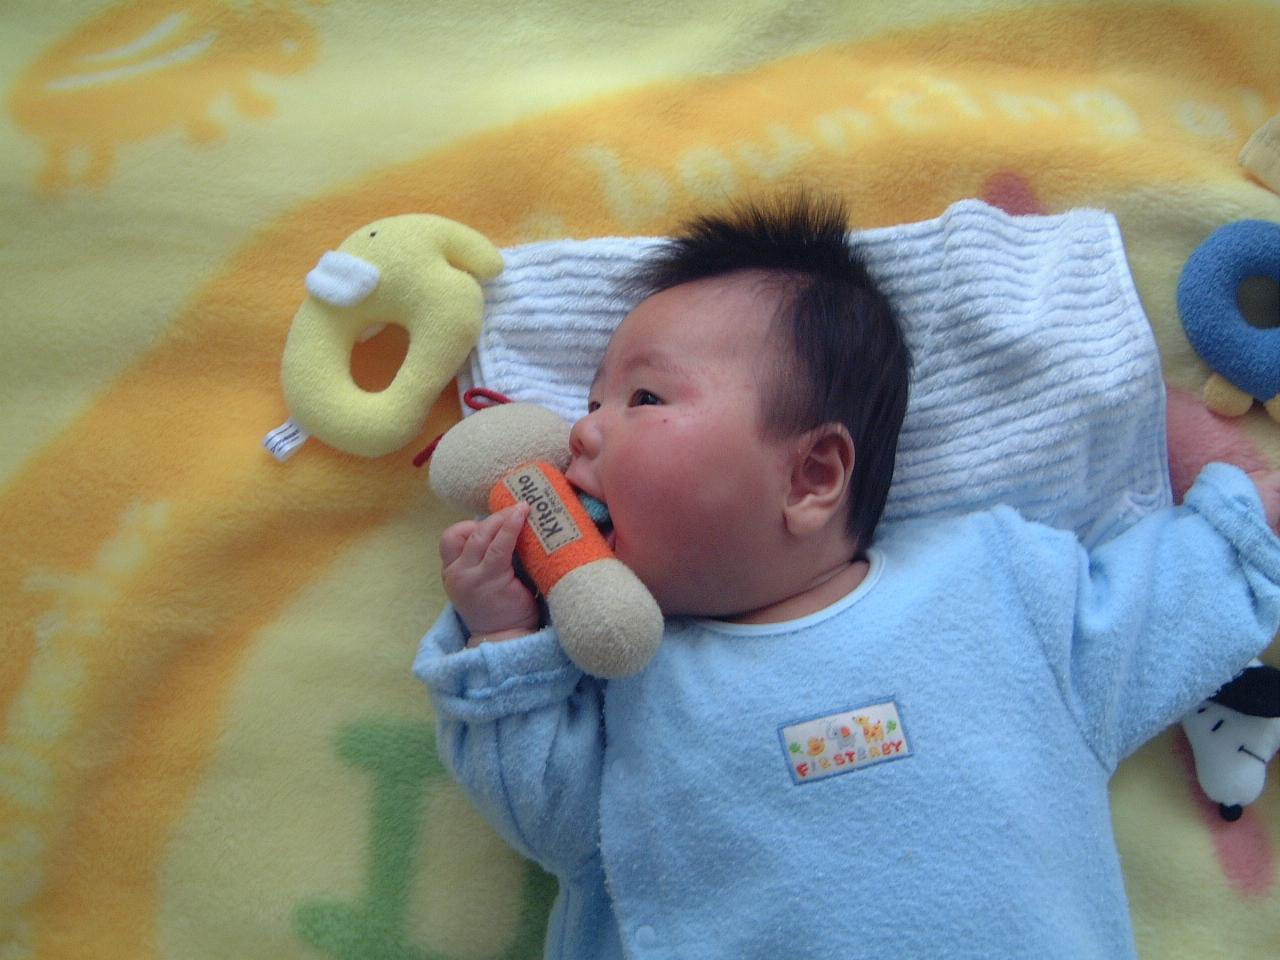 男の赤ちゃん 生後3ヵ月